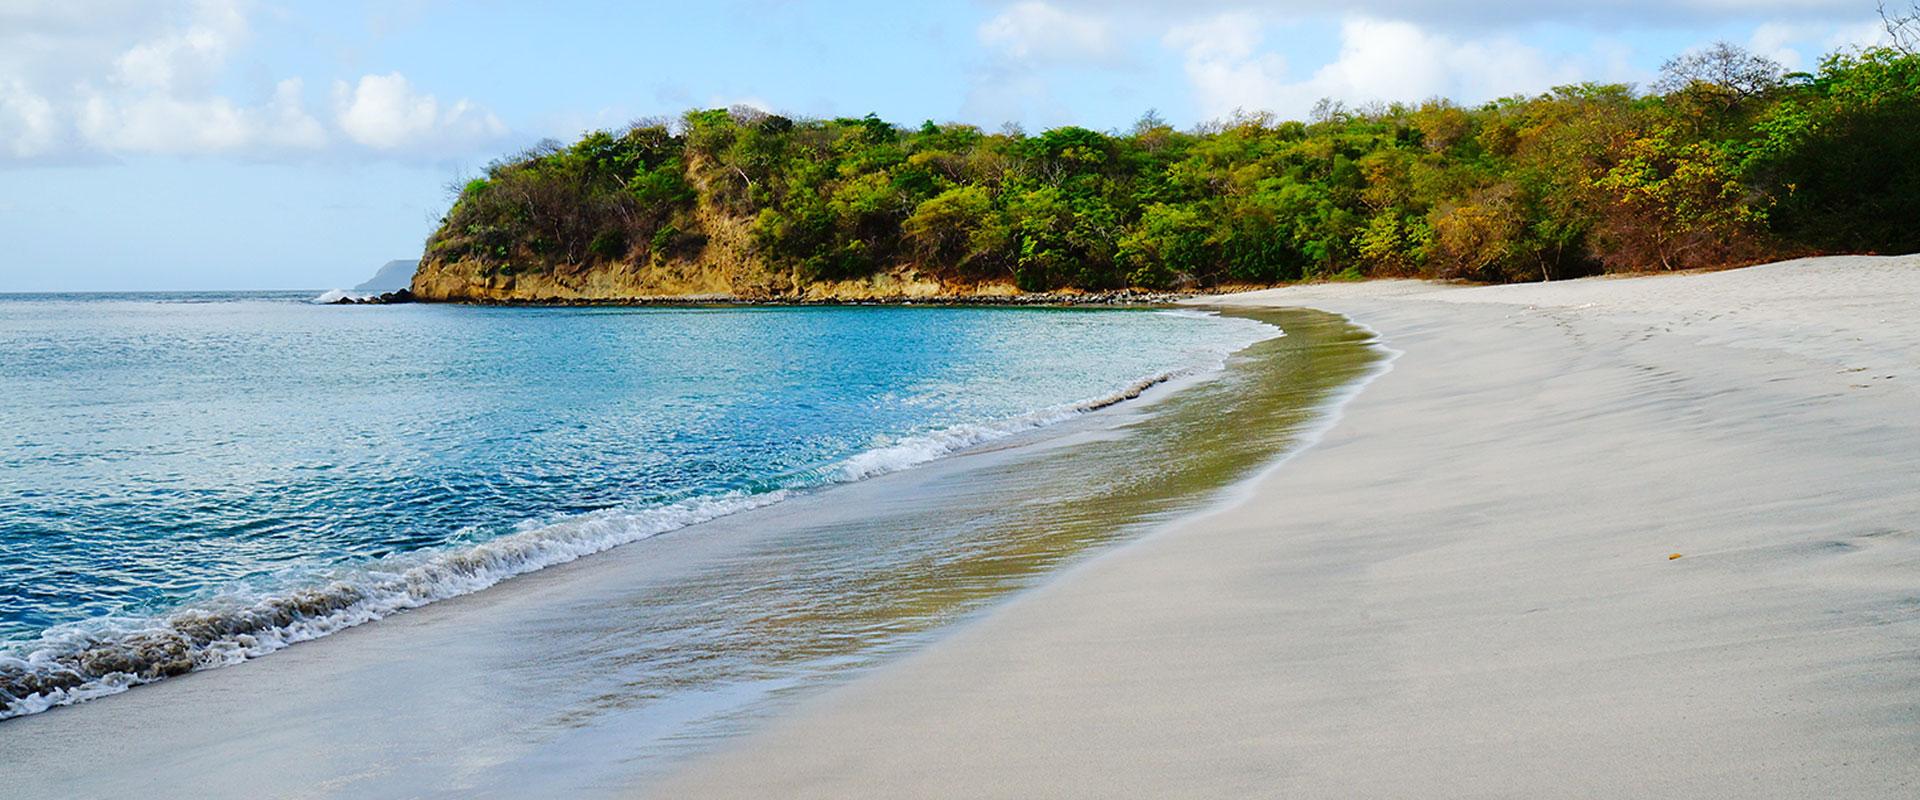 Grenada – A unique opportunity